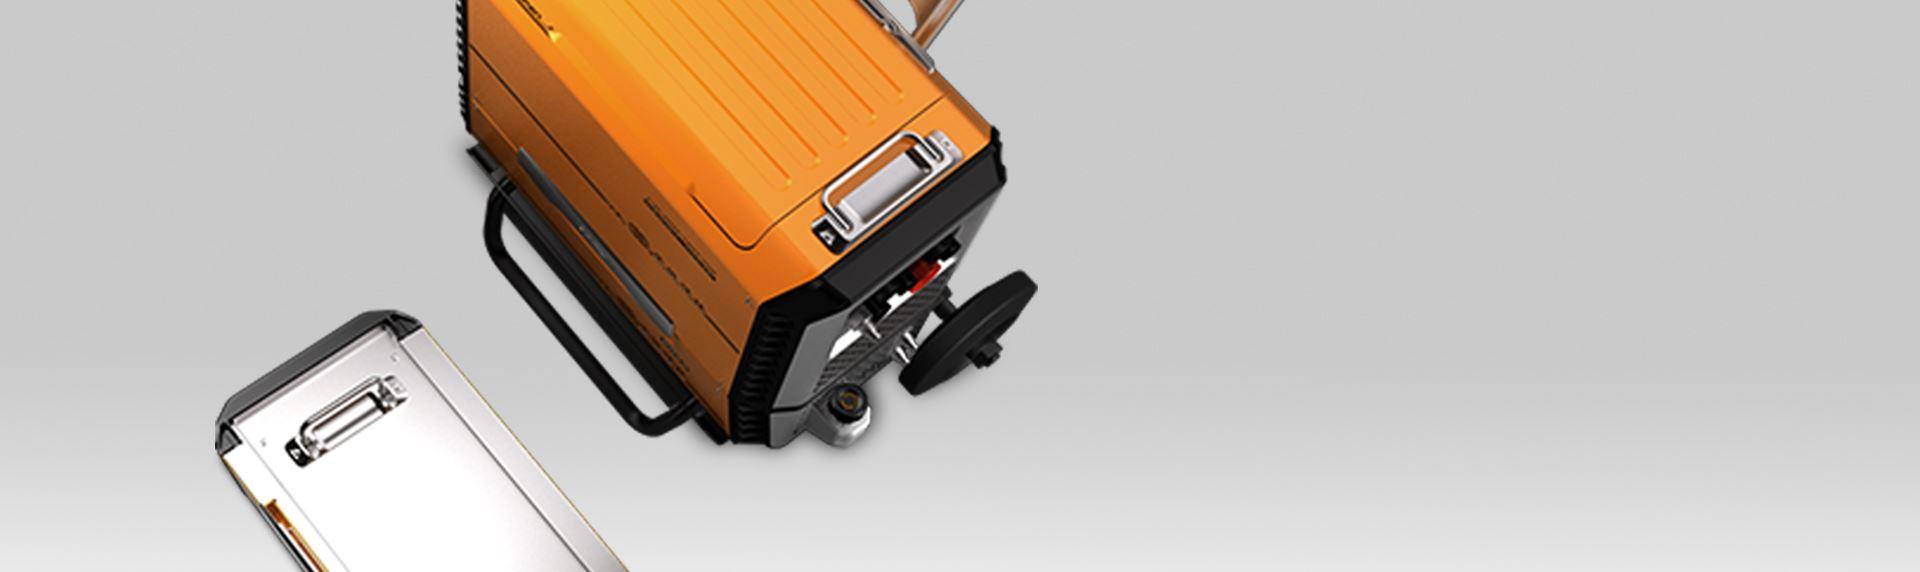 火狐体育-焊接电源主机